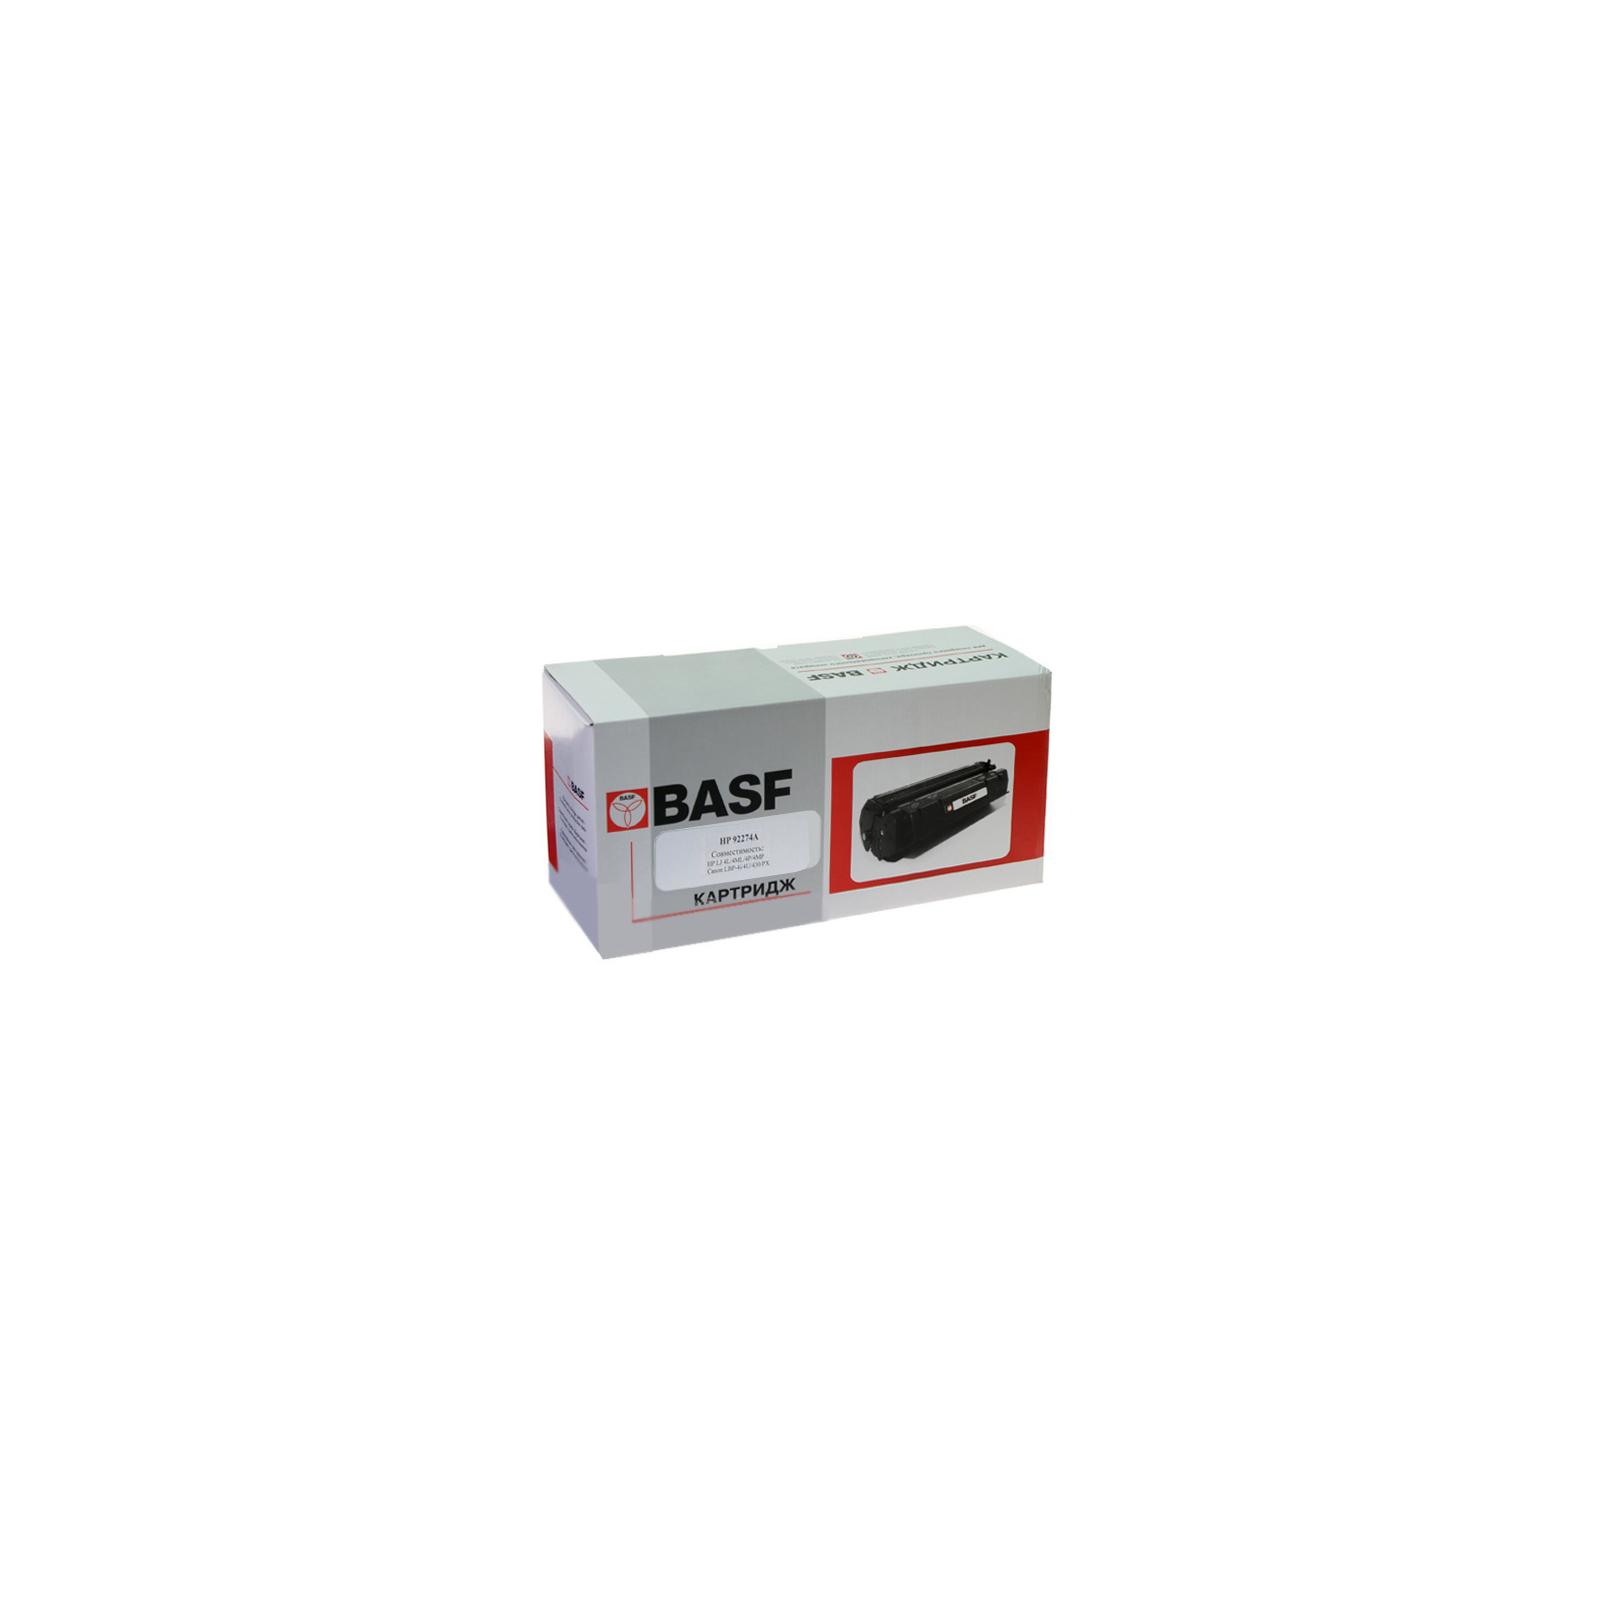 Картридж BASF для HP LJ 4L/4P (B92274A)